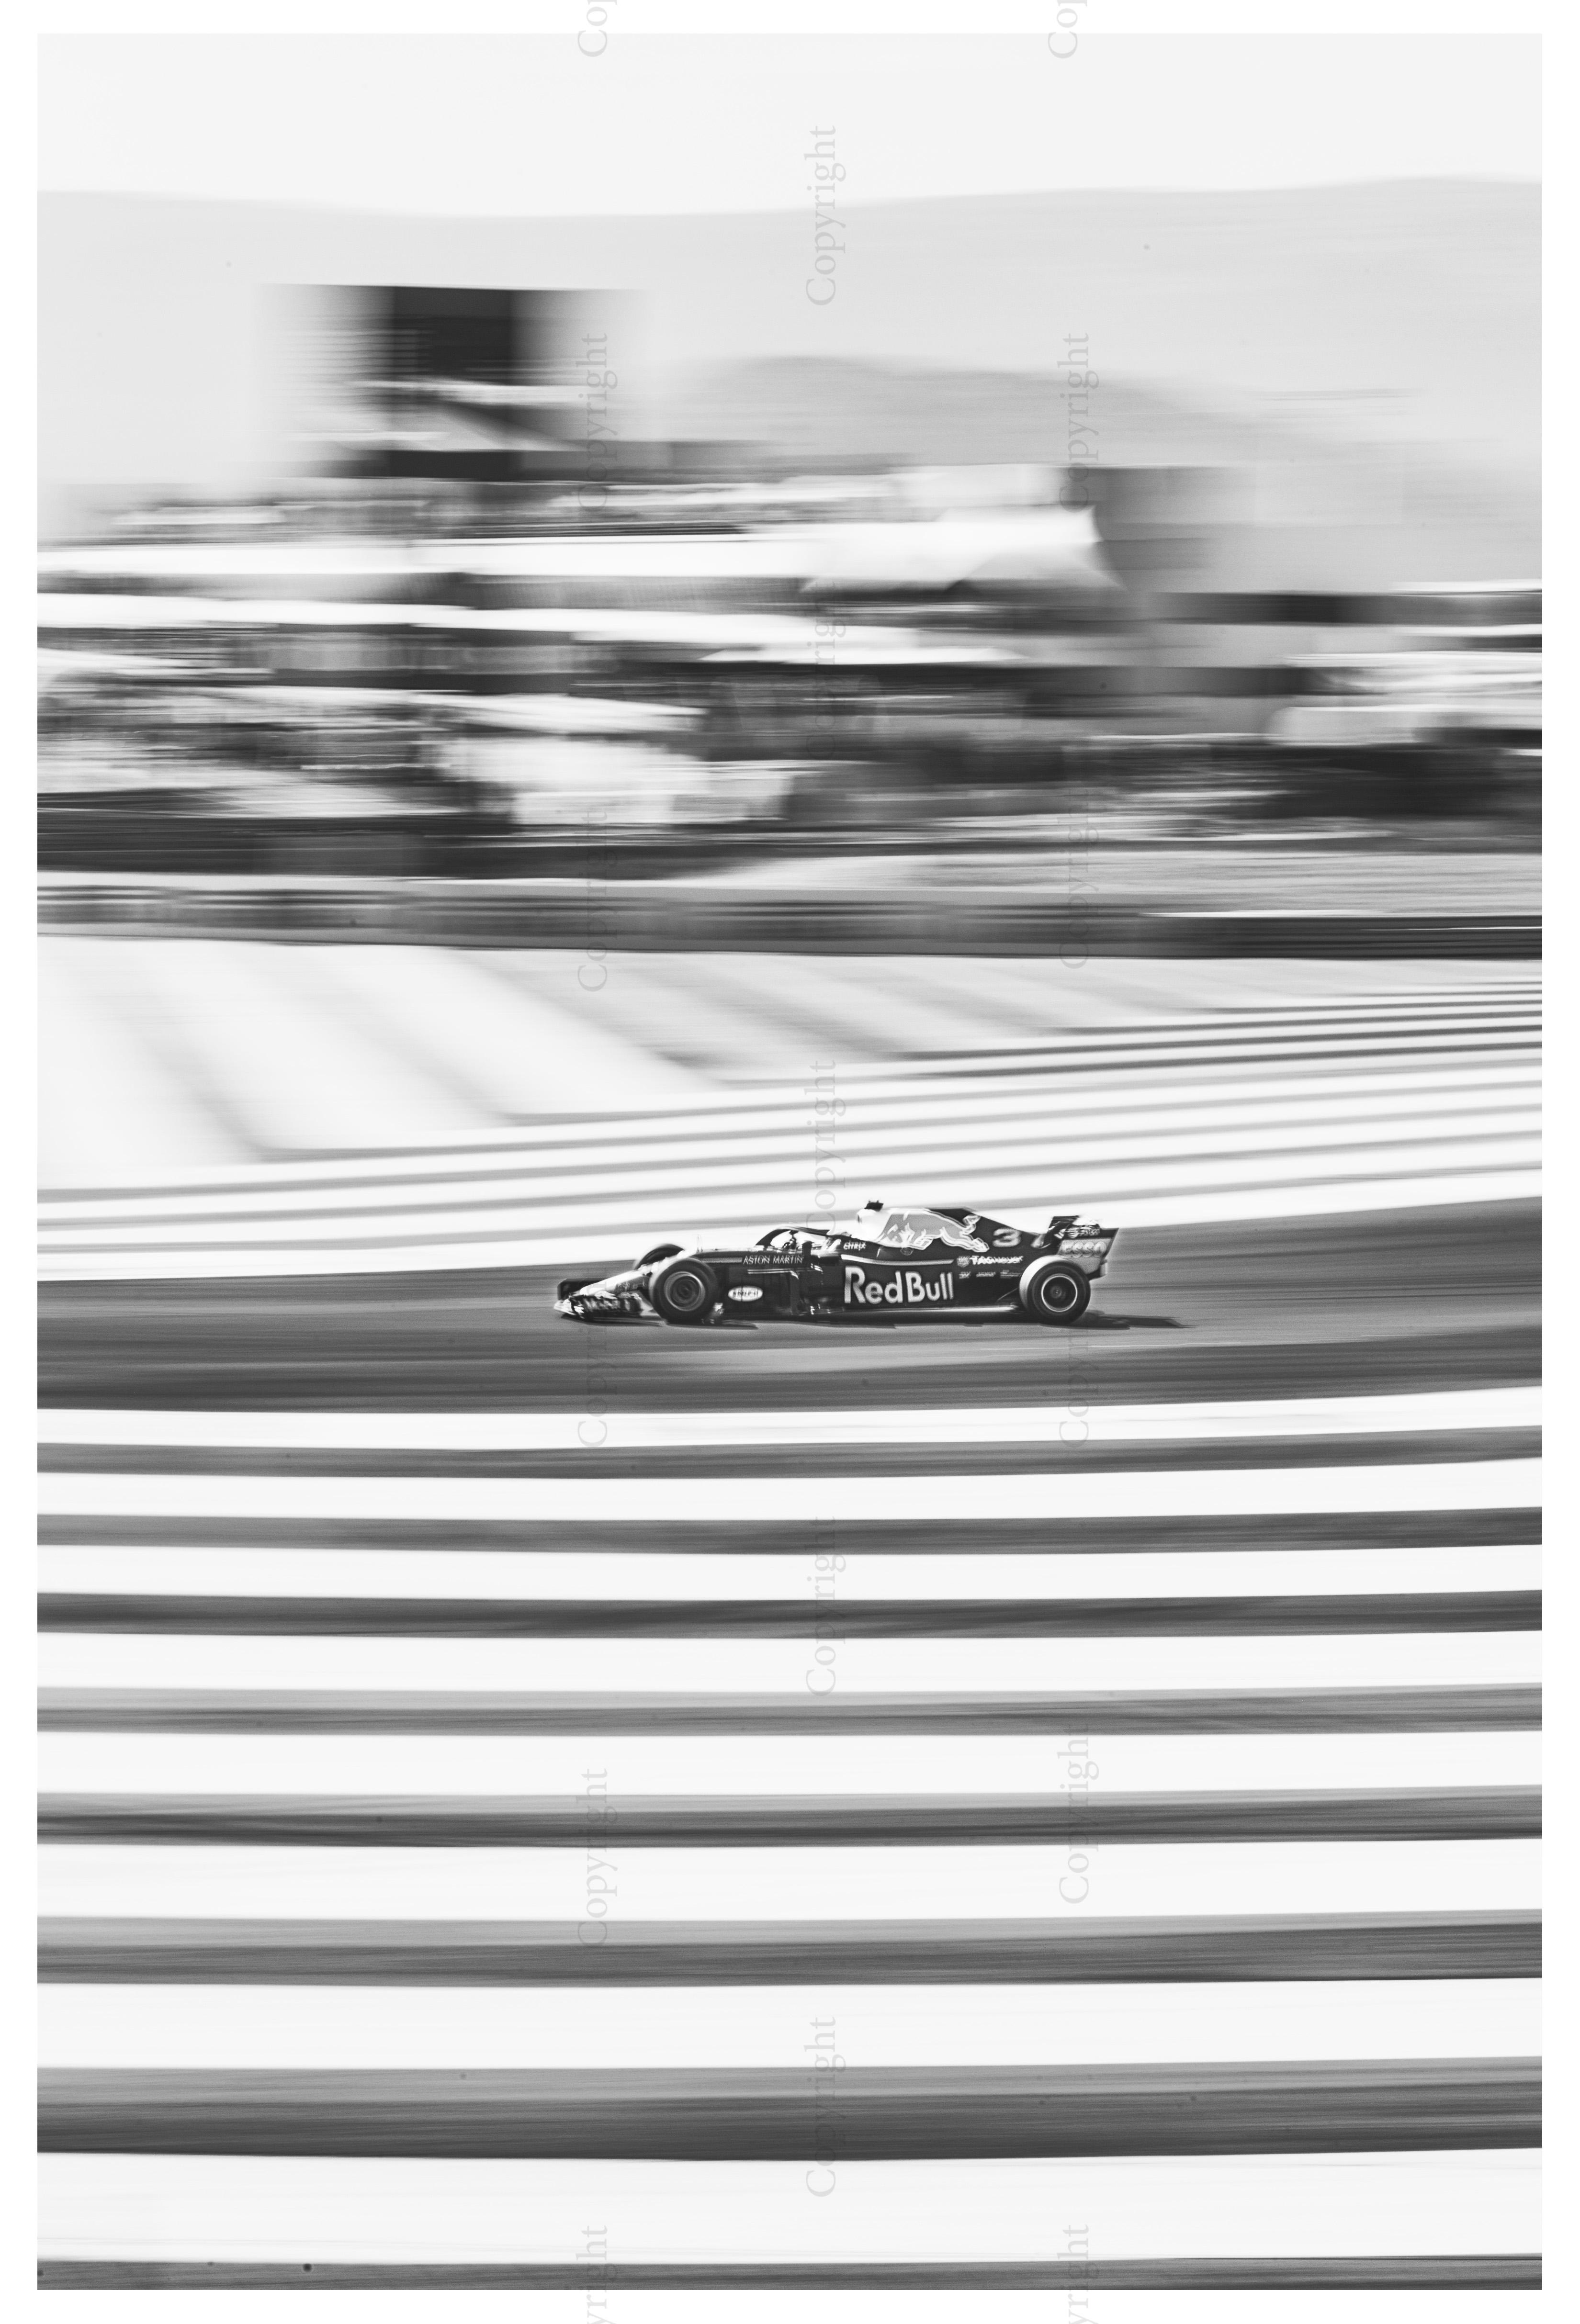 Ricciardo NB 3